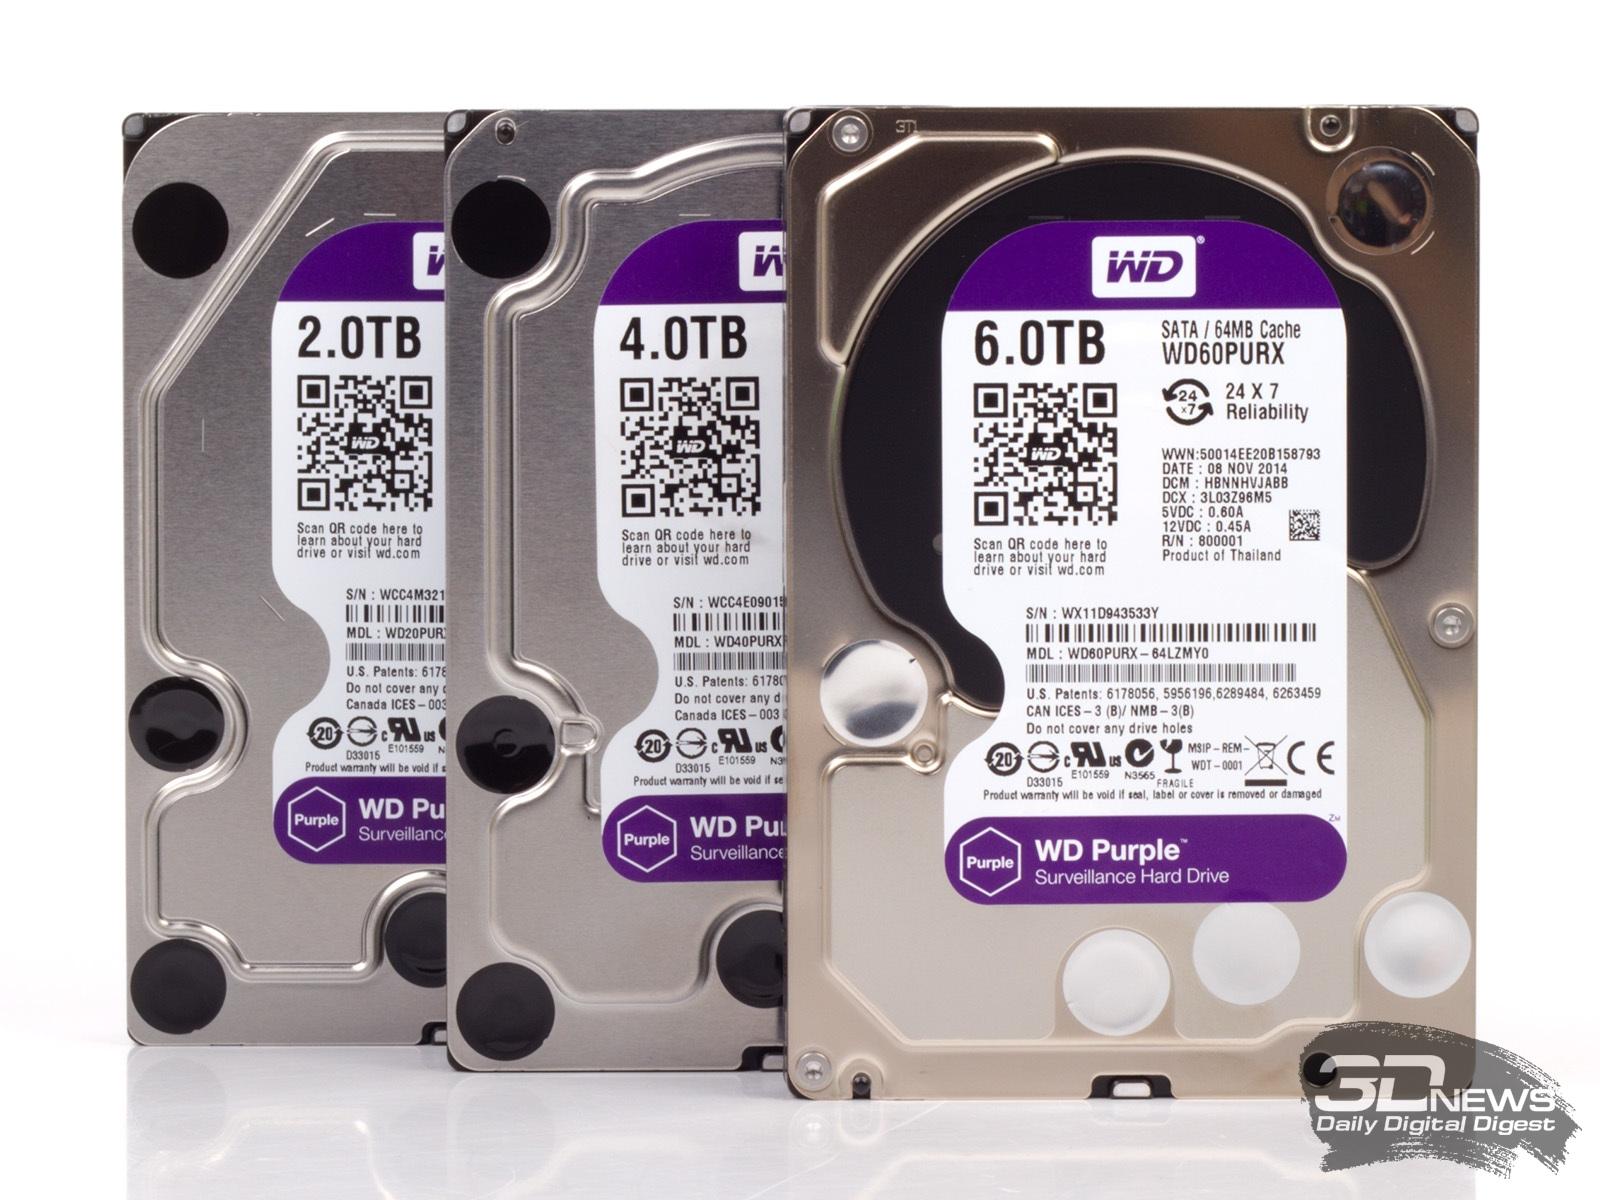 Жесткий диск WD Purple 4 Tb с максимальной отказоустойчивостью